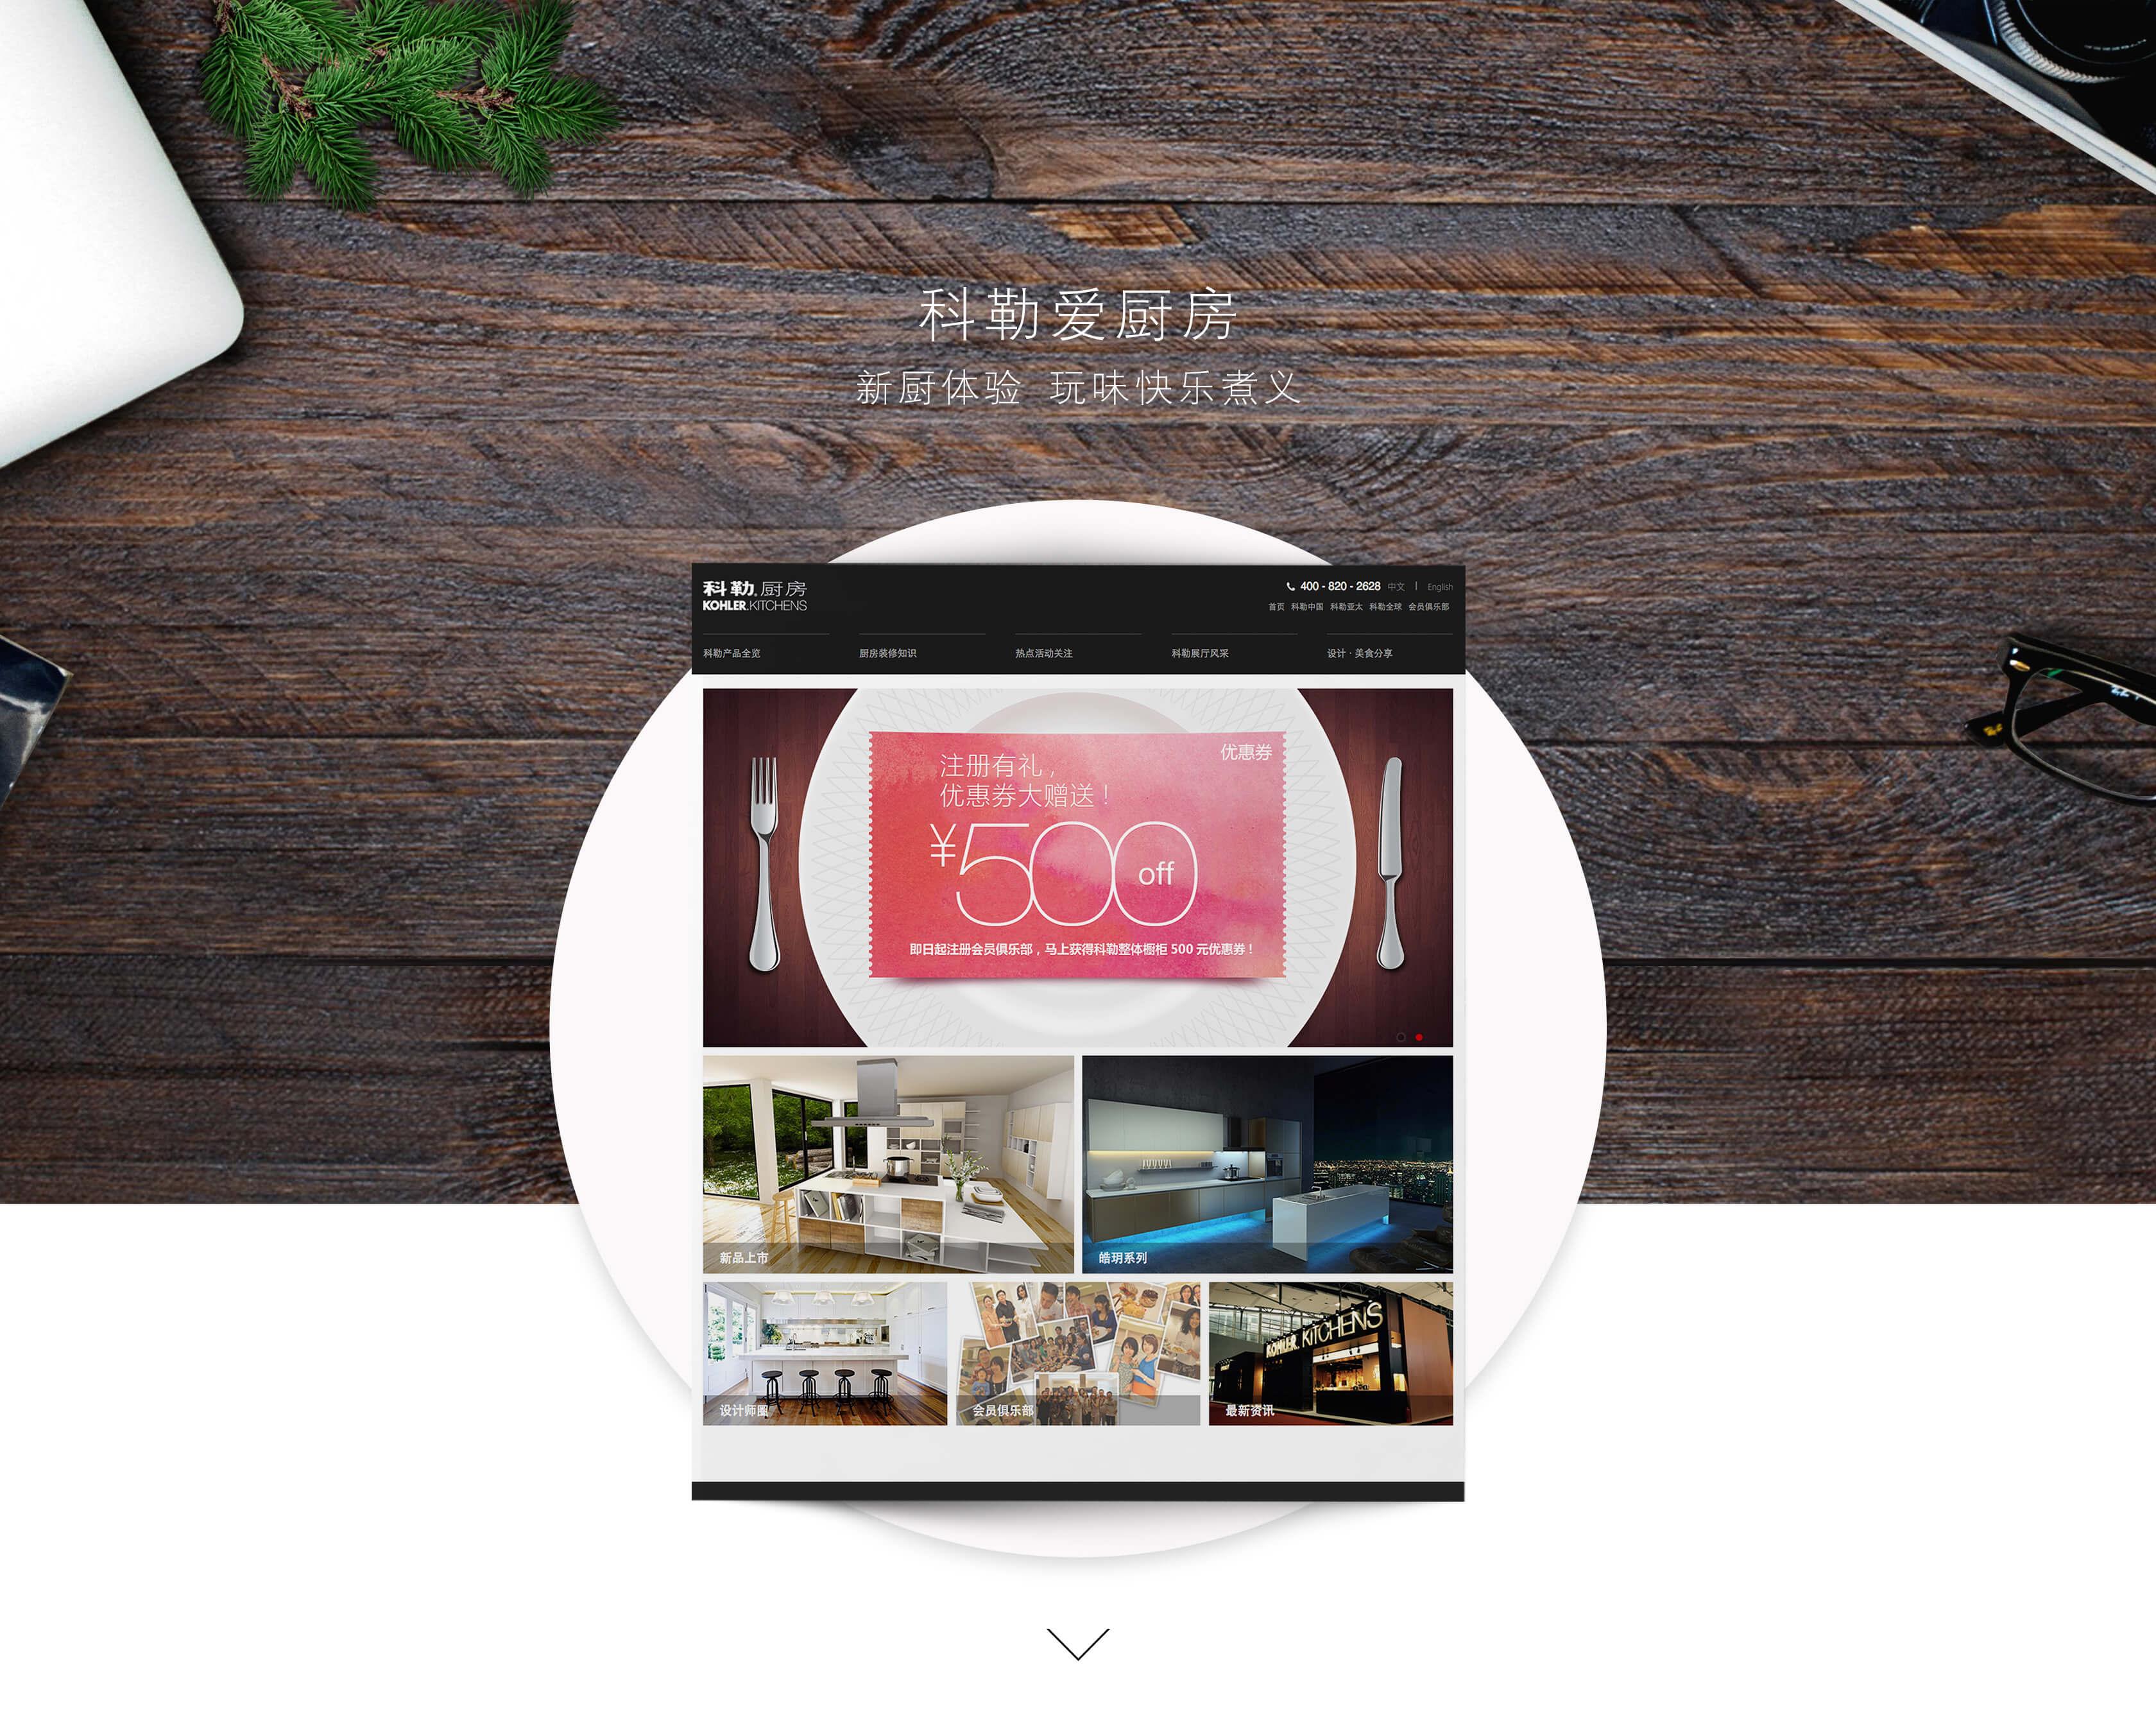 科勒整体厨房品牌官网 品牌官网设计 | 班田互动